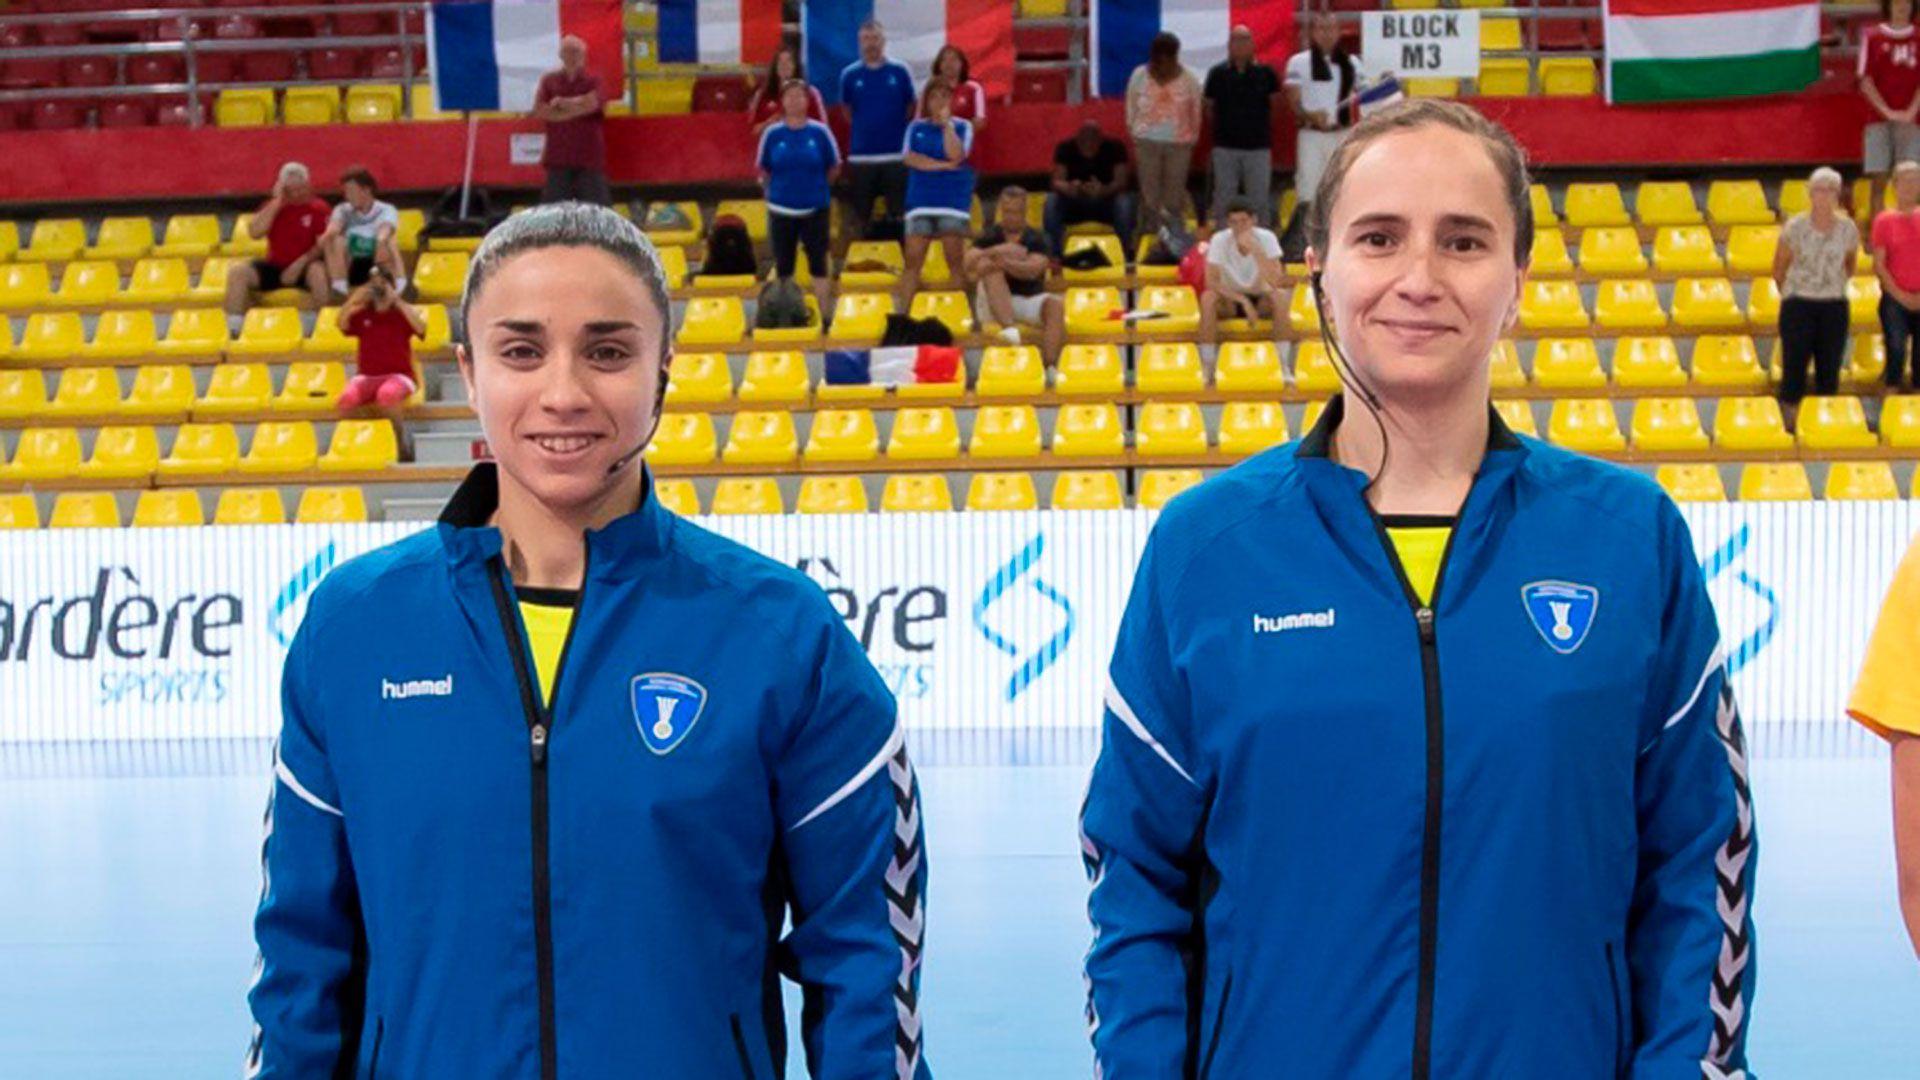 Inés Paolantoni y Mariana García en los Juegos Olímpicos